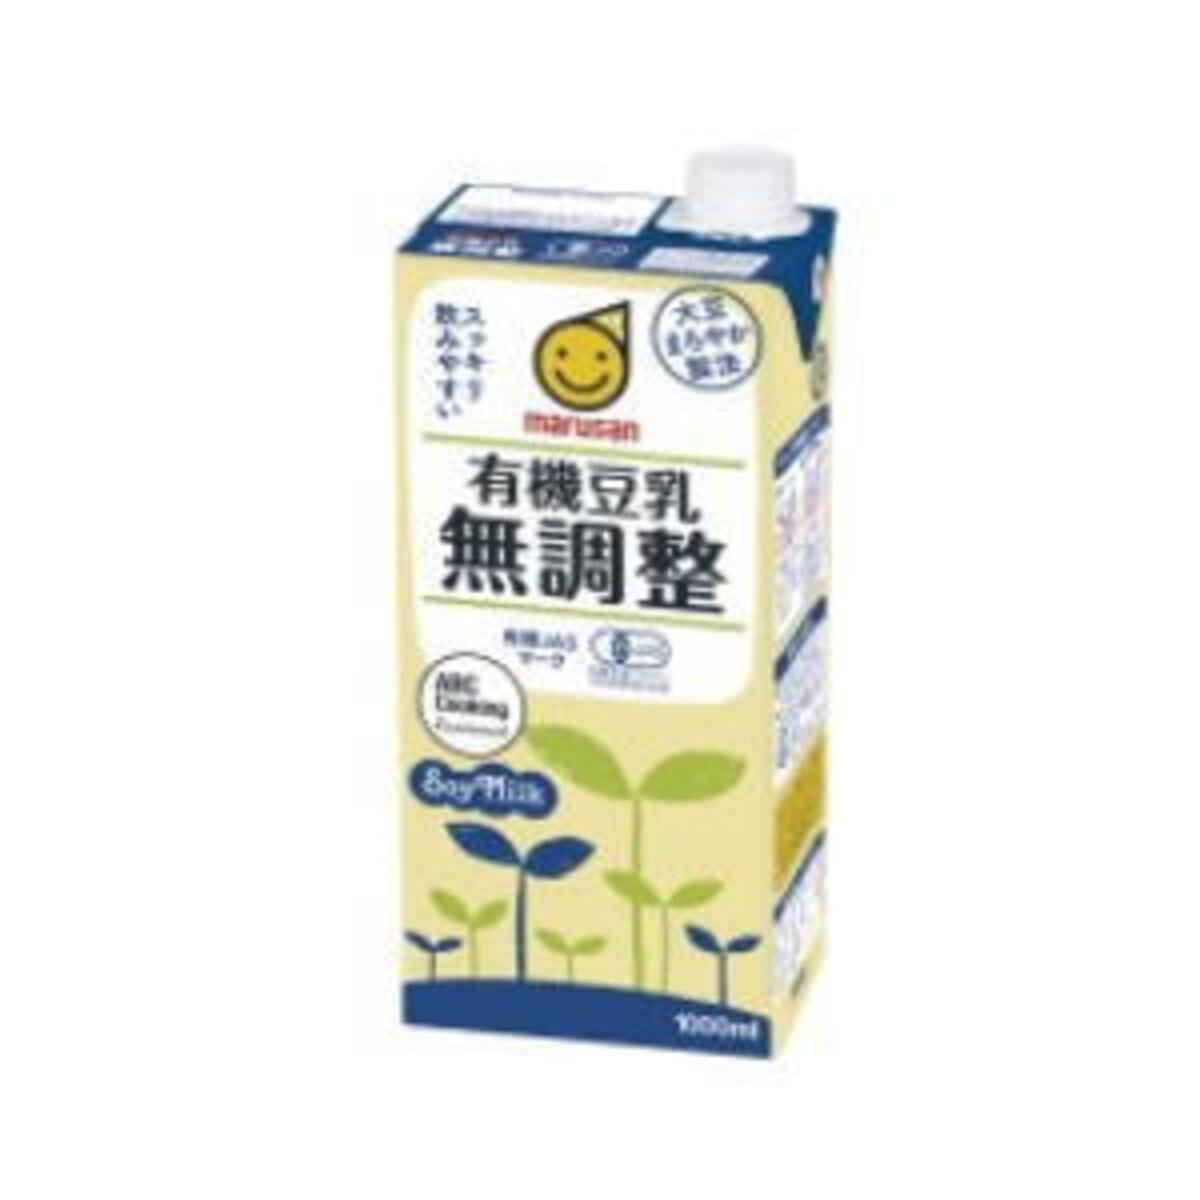 マルサン 有機豆乳 無調整 【1000ml】 紙パック×6個入